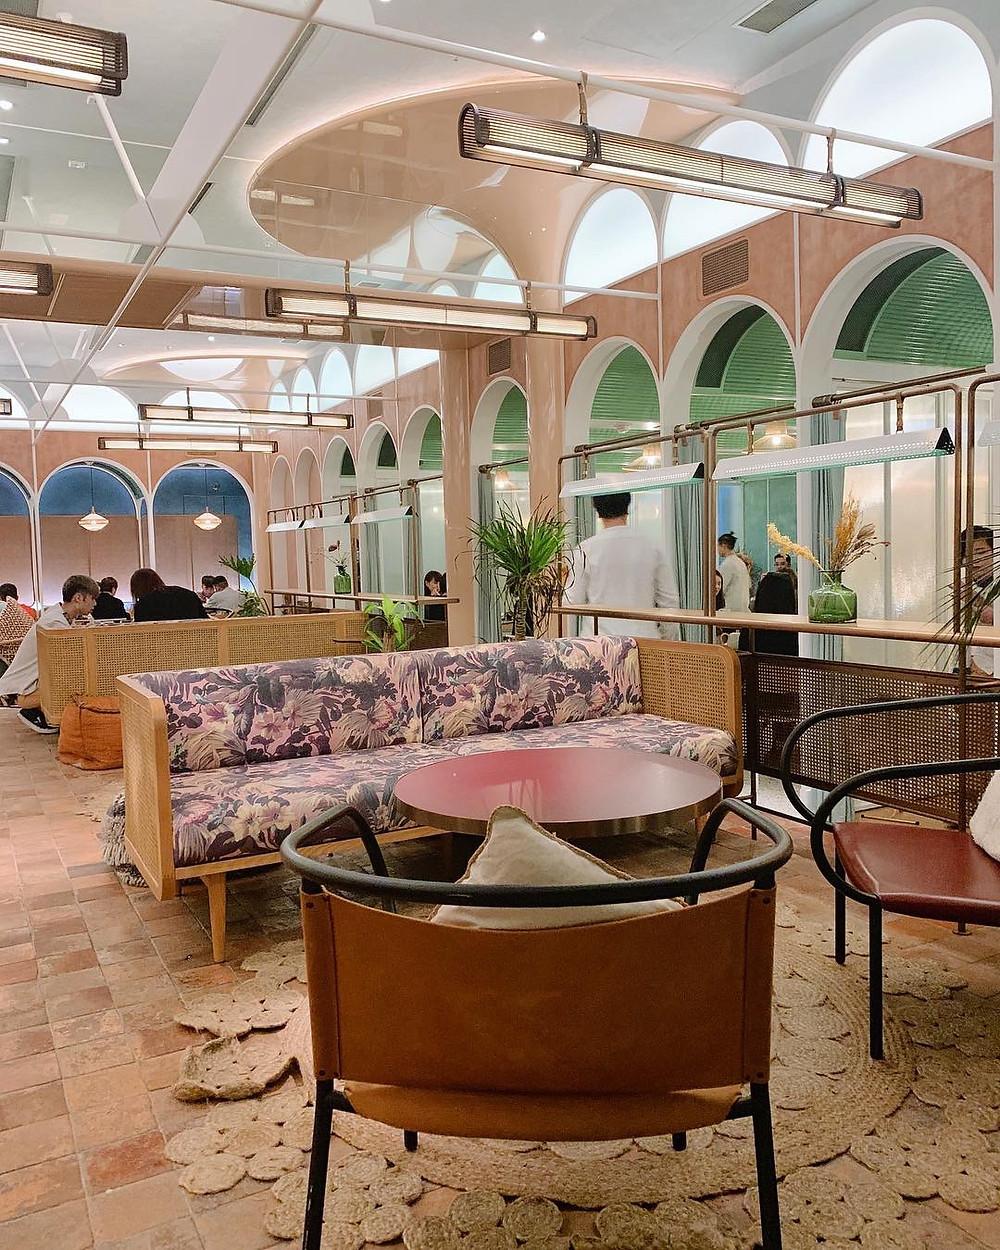 Interiors at John Anthony restaurant in Hong Kong